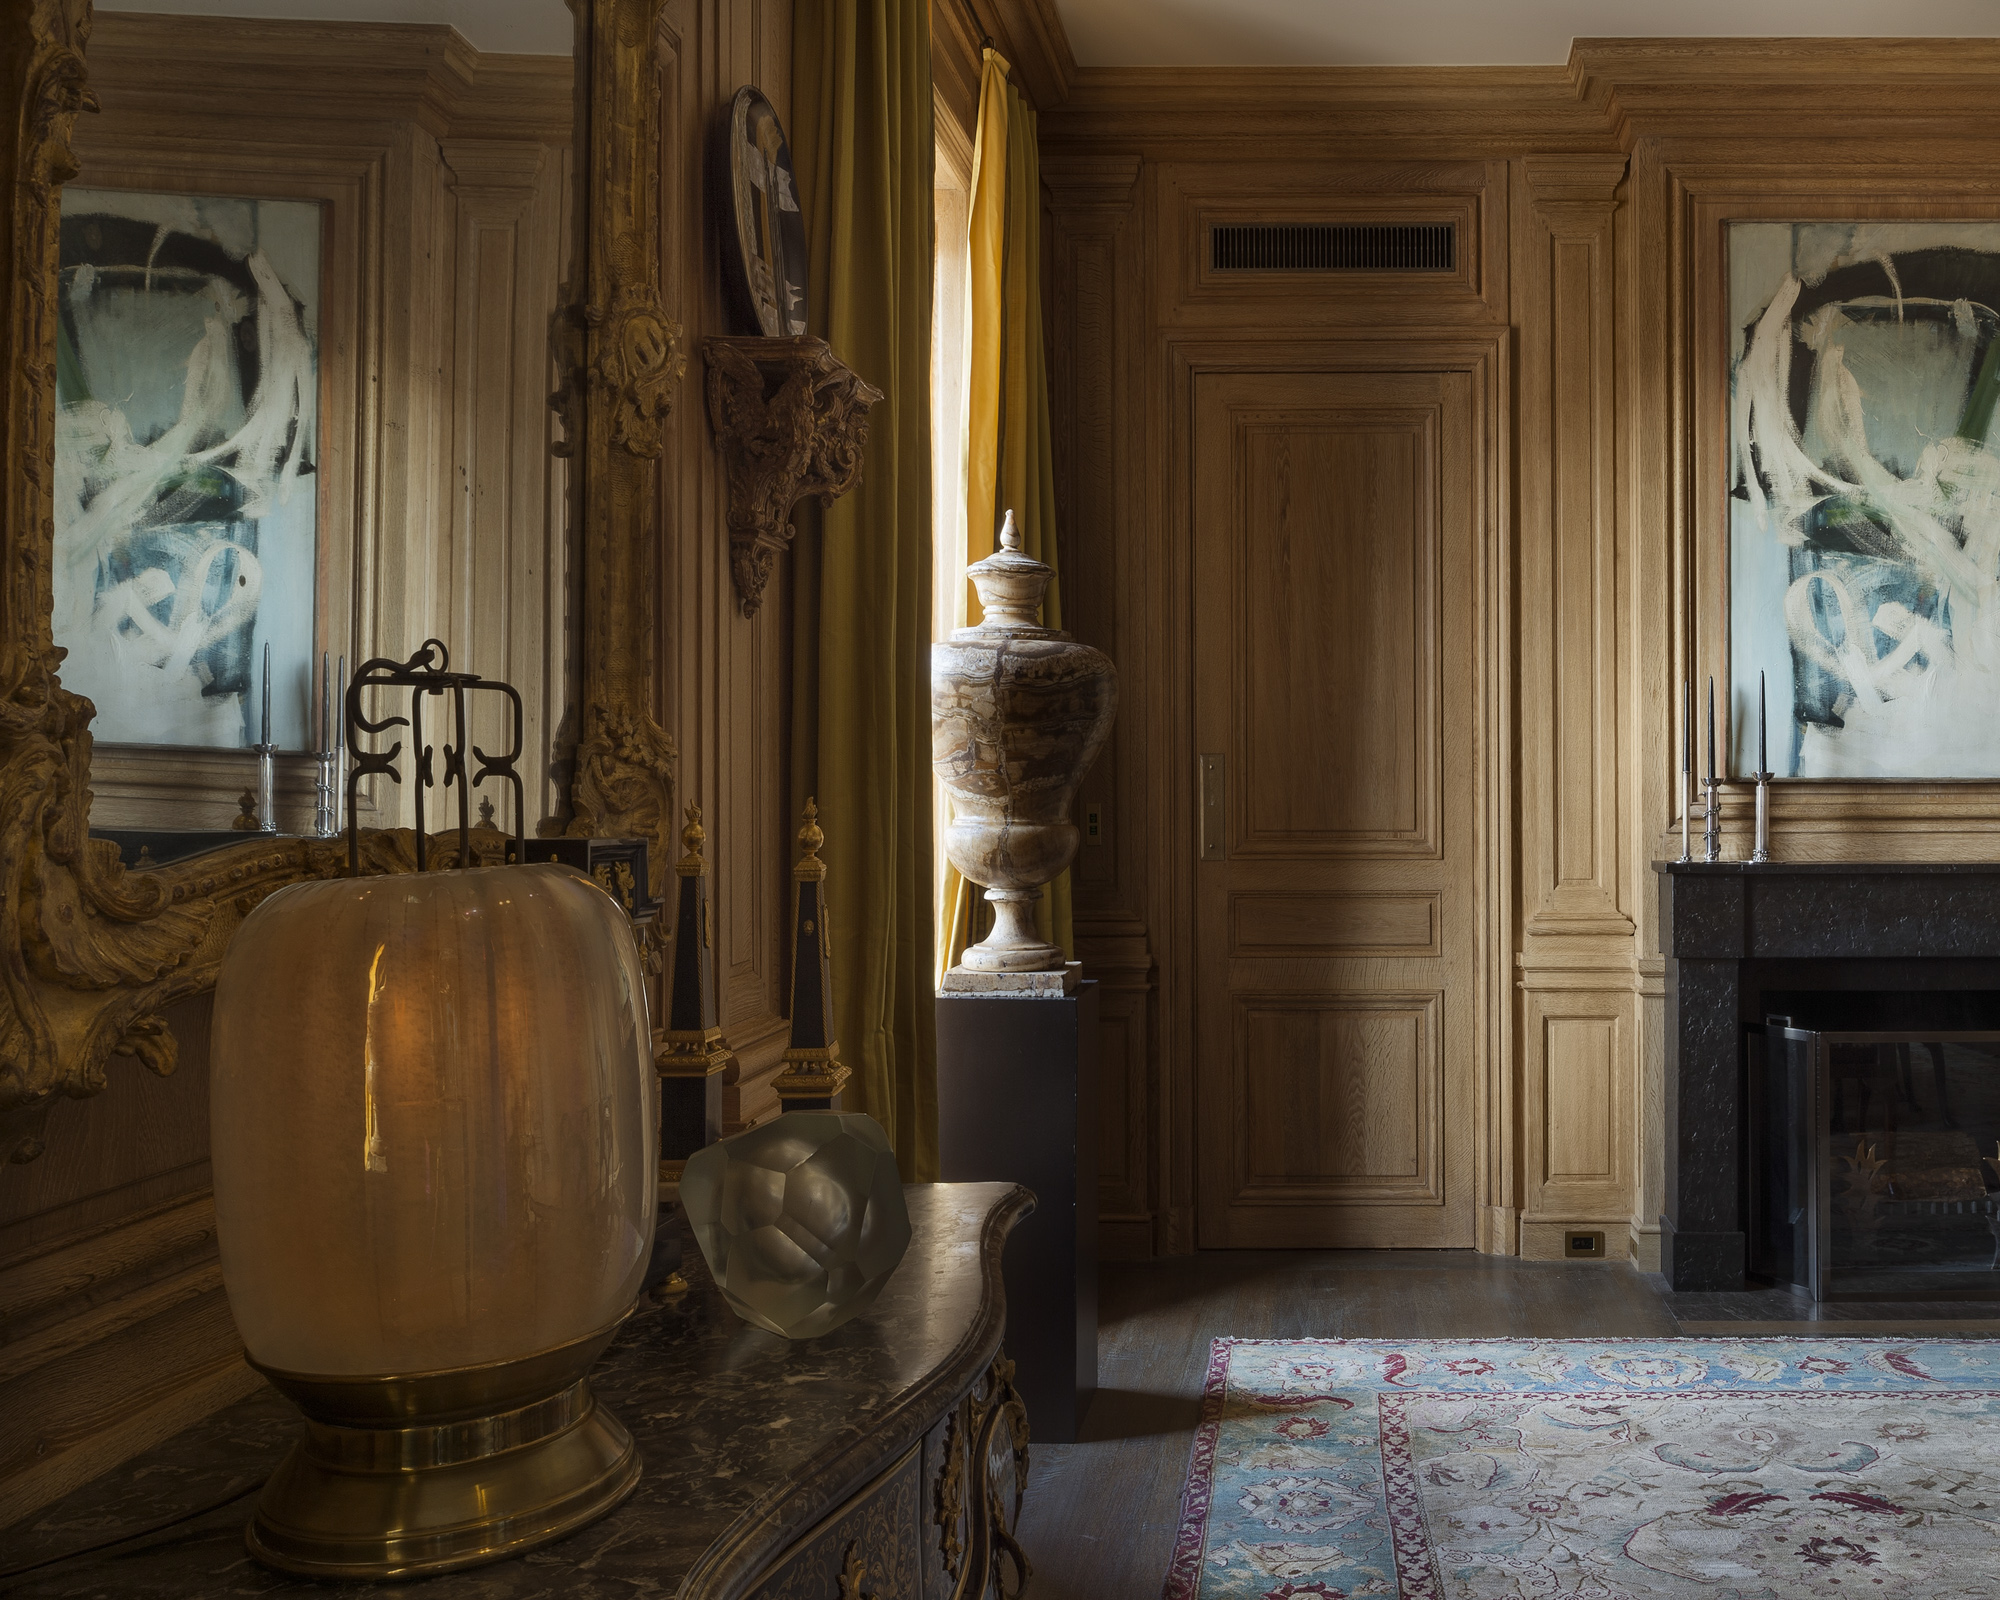 Décor de boiserie de style Louis XIV en bois de chêne avec patine au naturel